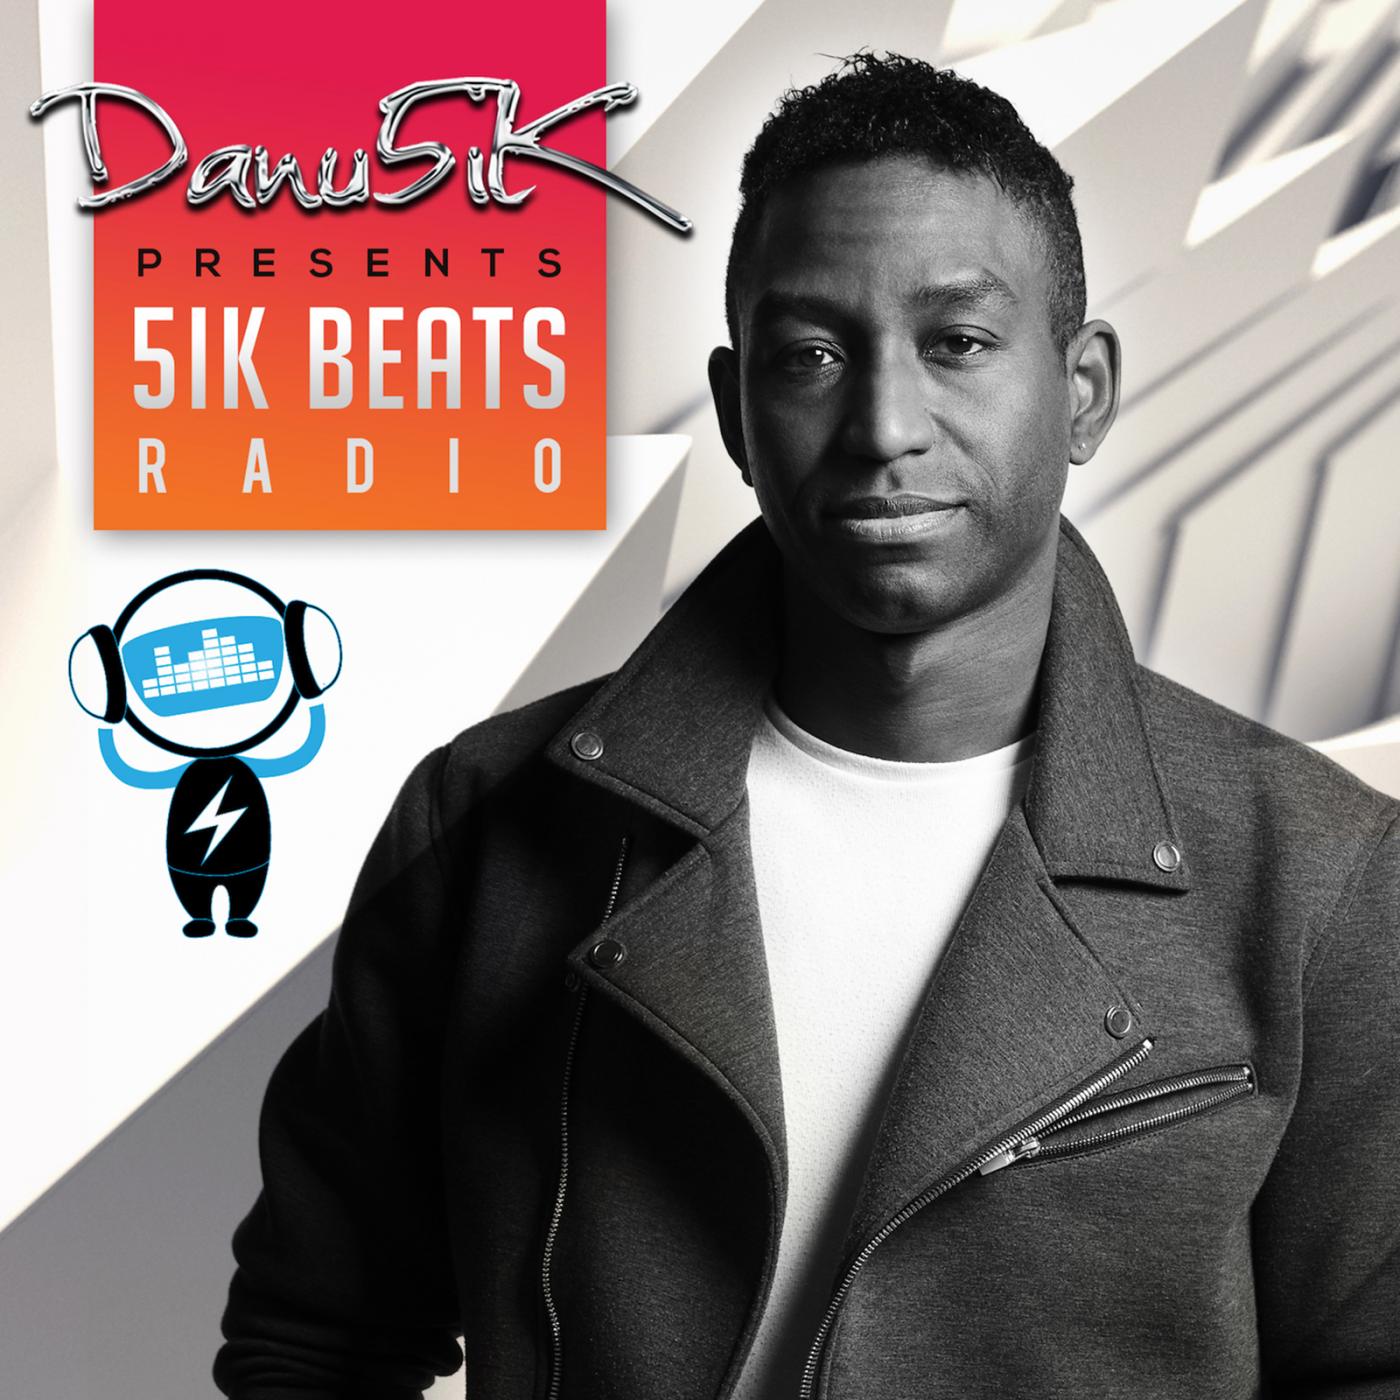 5ik Beats Radio 088 | Danu5ik